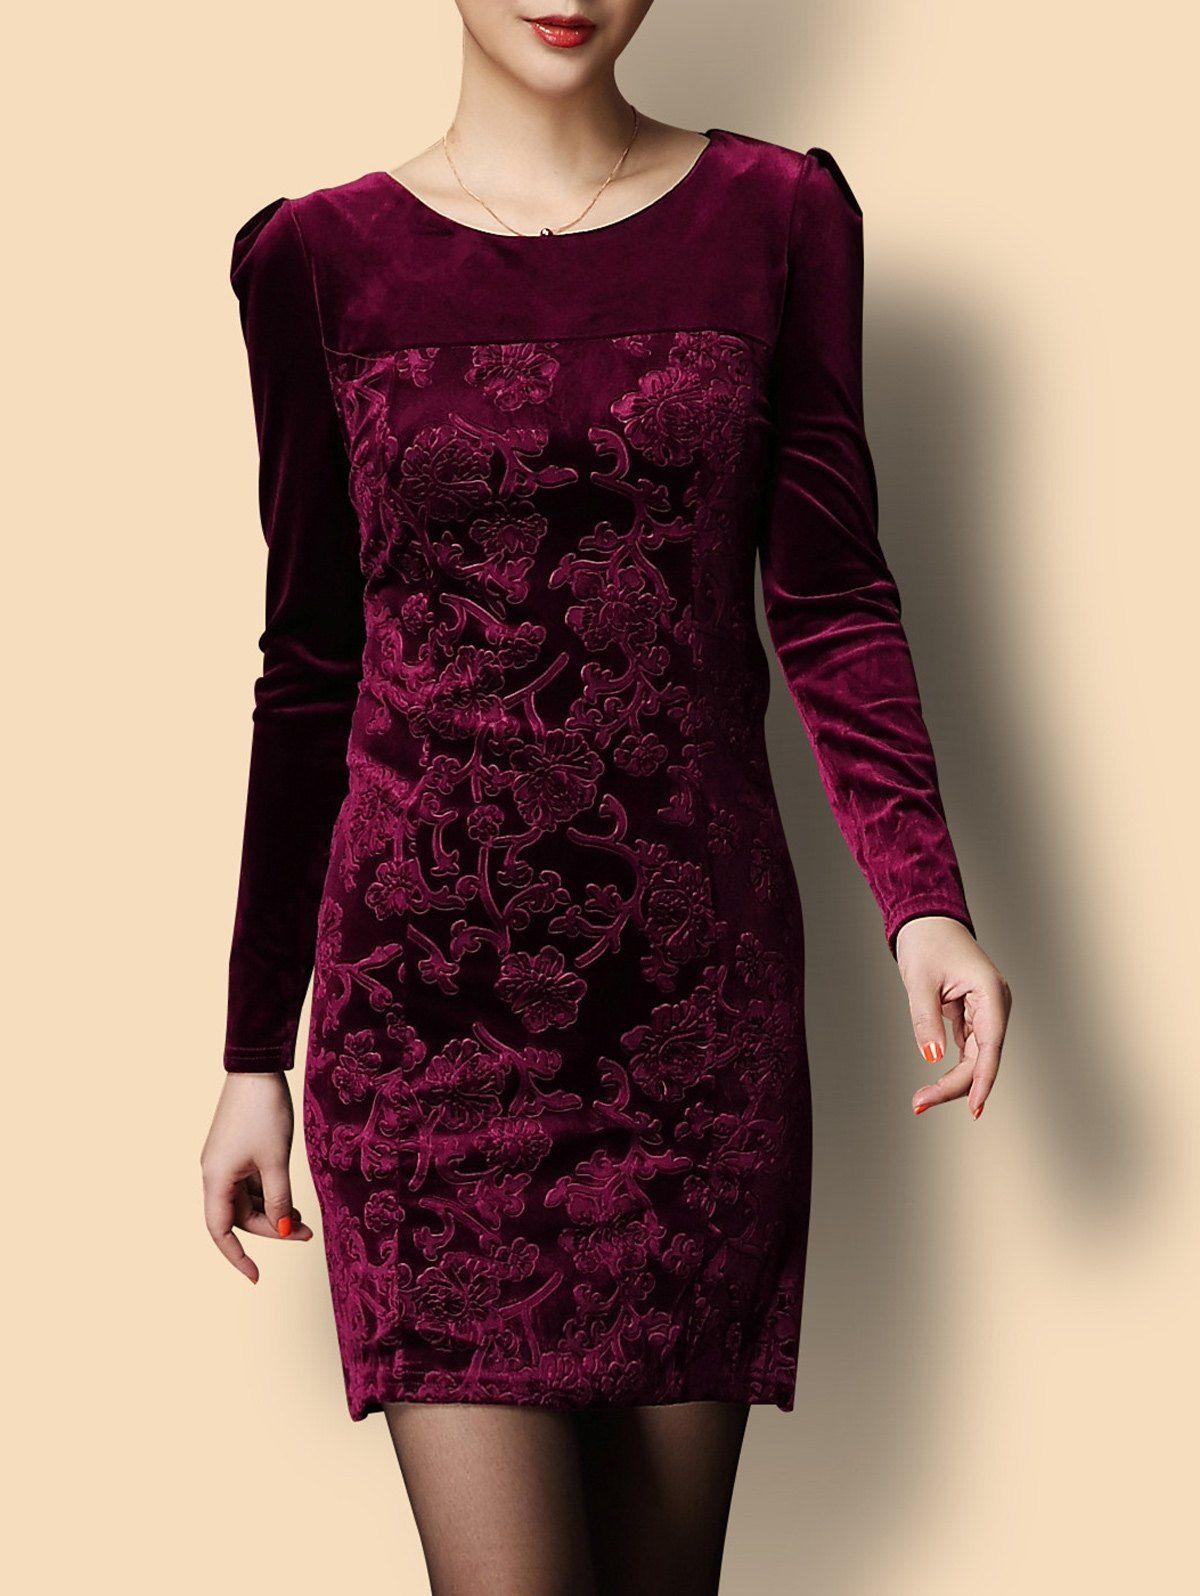 Short Jacquard Velvet Formal Dress With Sleeves Long Sleeve Velvet Dress Long Sleeve Dress Formal Dresses With Sleeves [ 1596 x 1200 Pixel ]